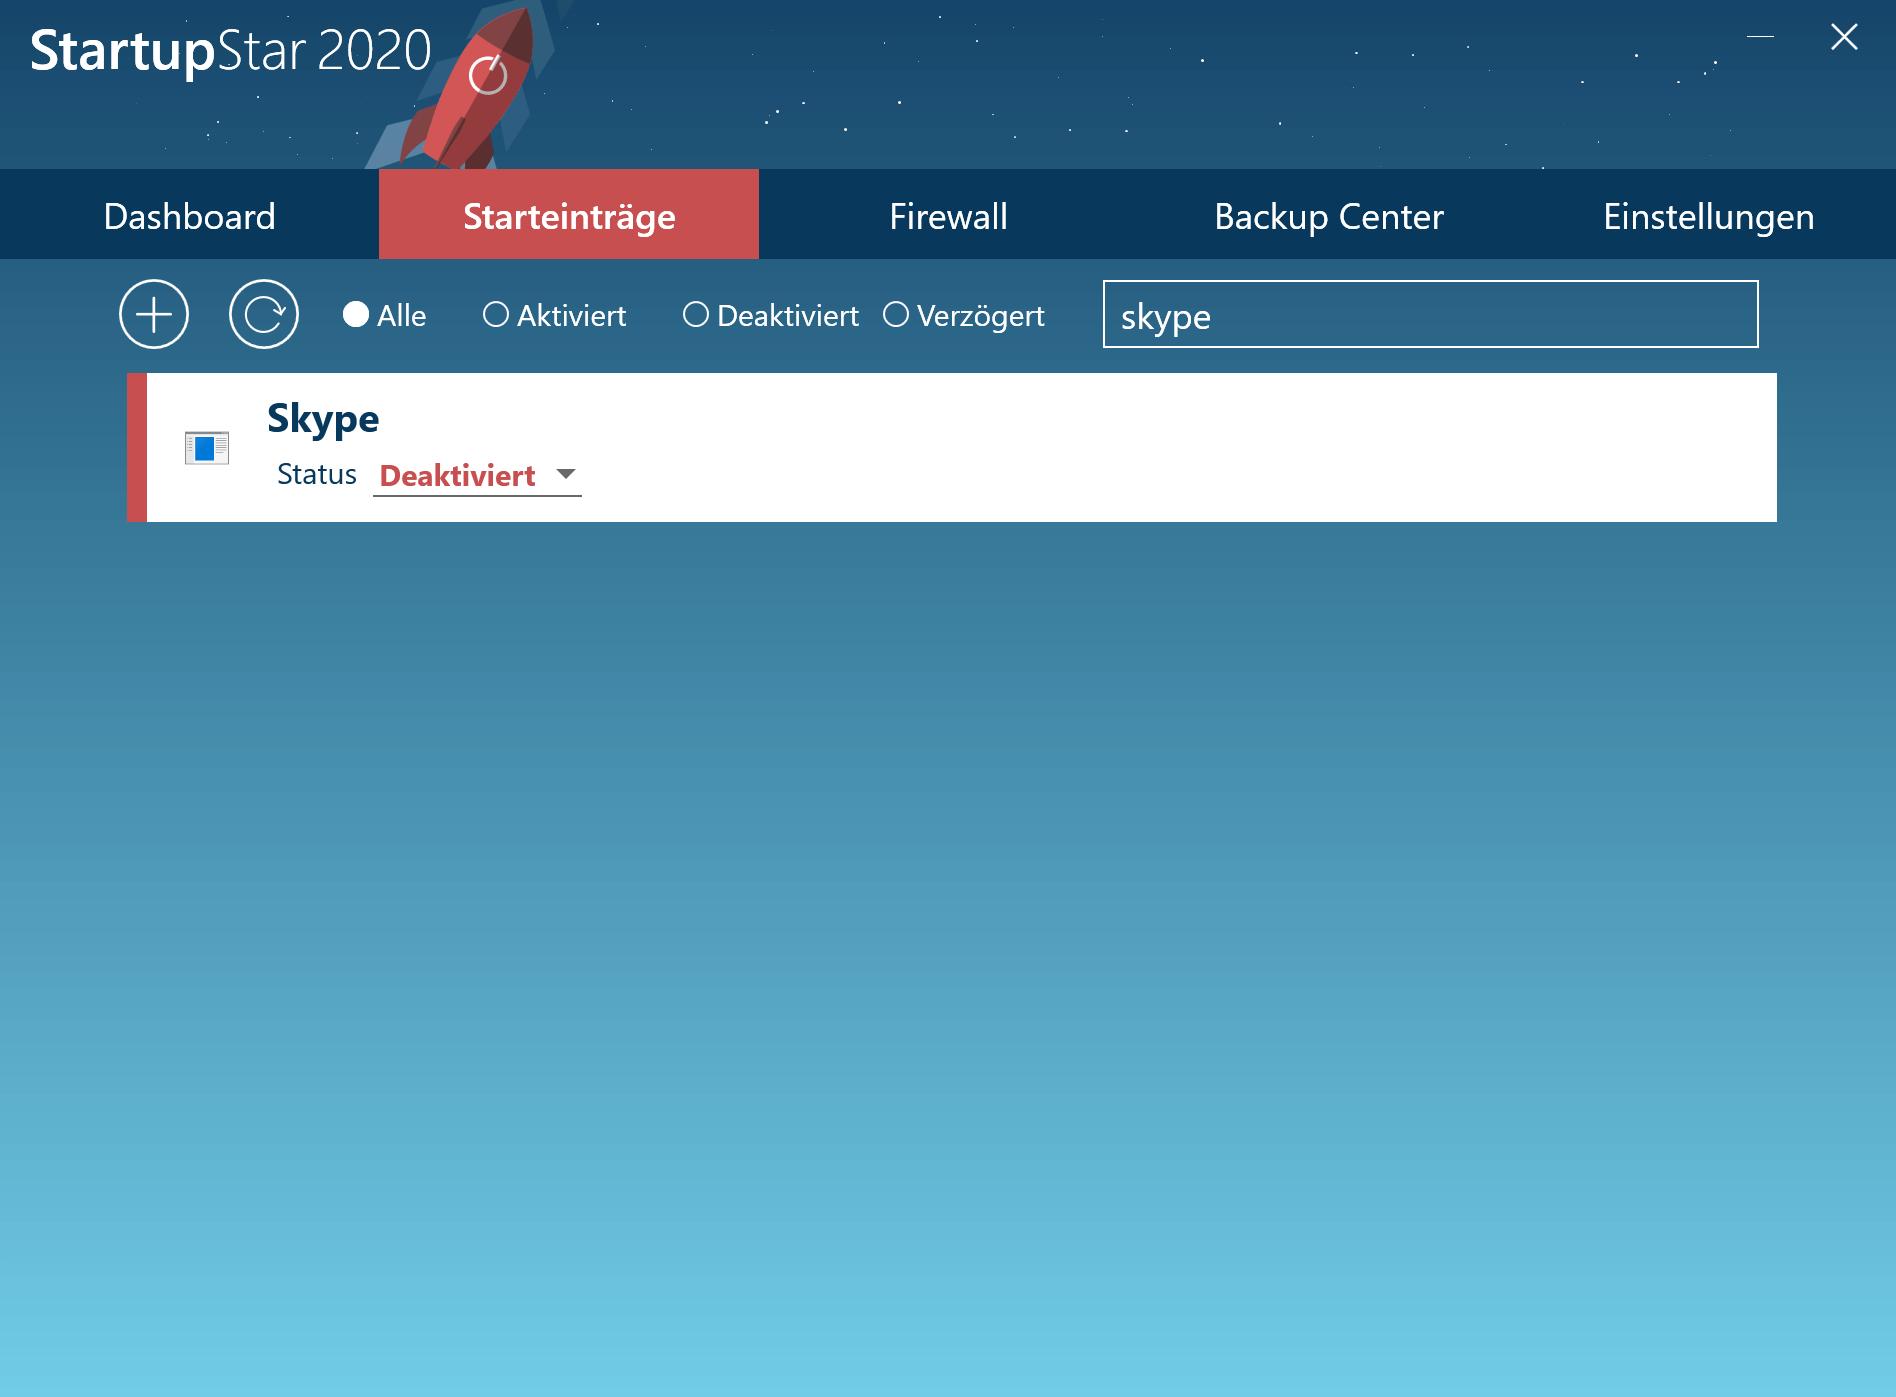 Skype Autostart unter Windows deaktivieren - Skype deaktiviert